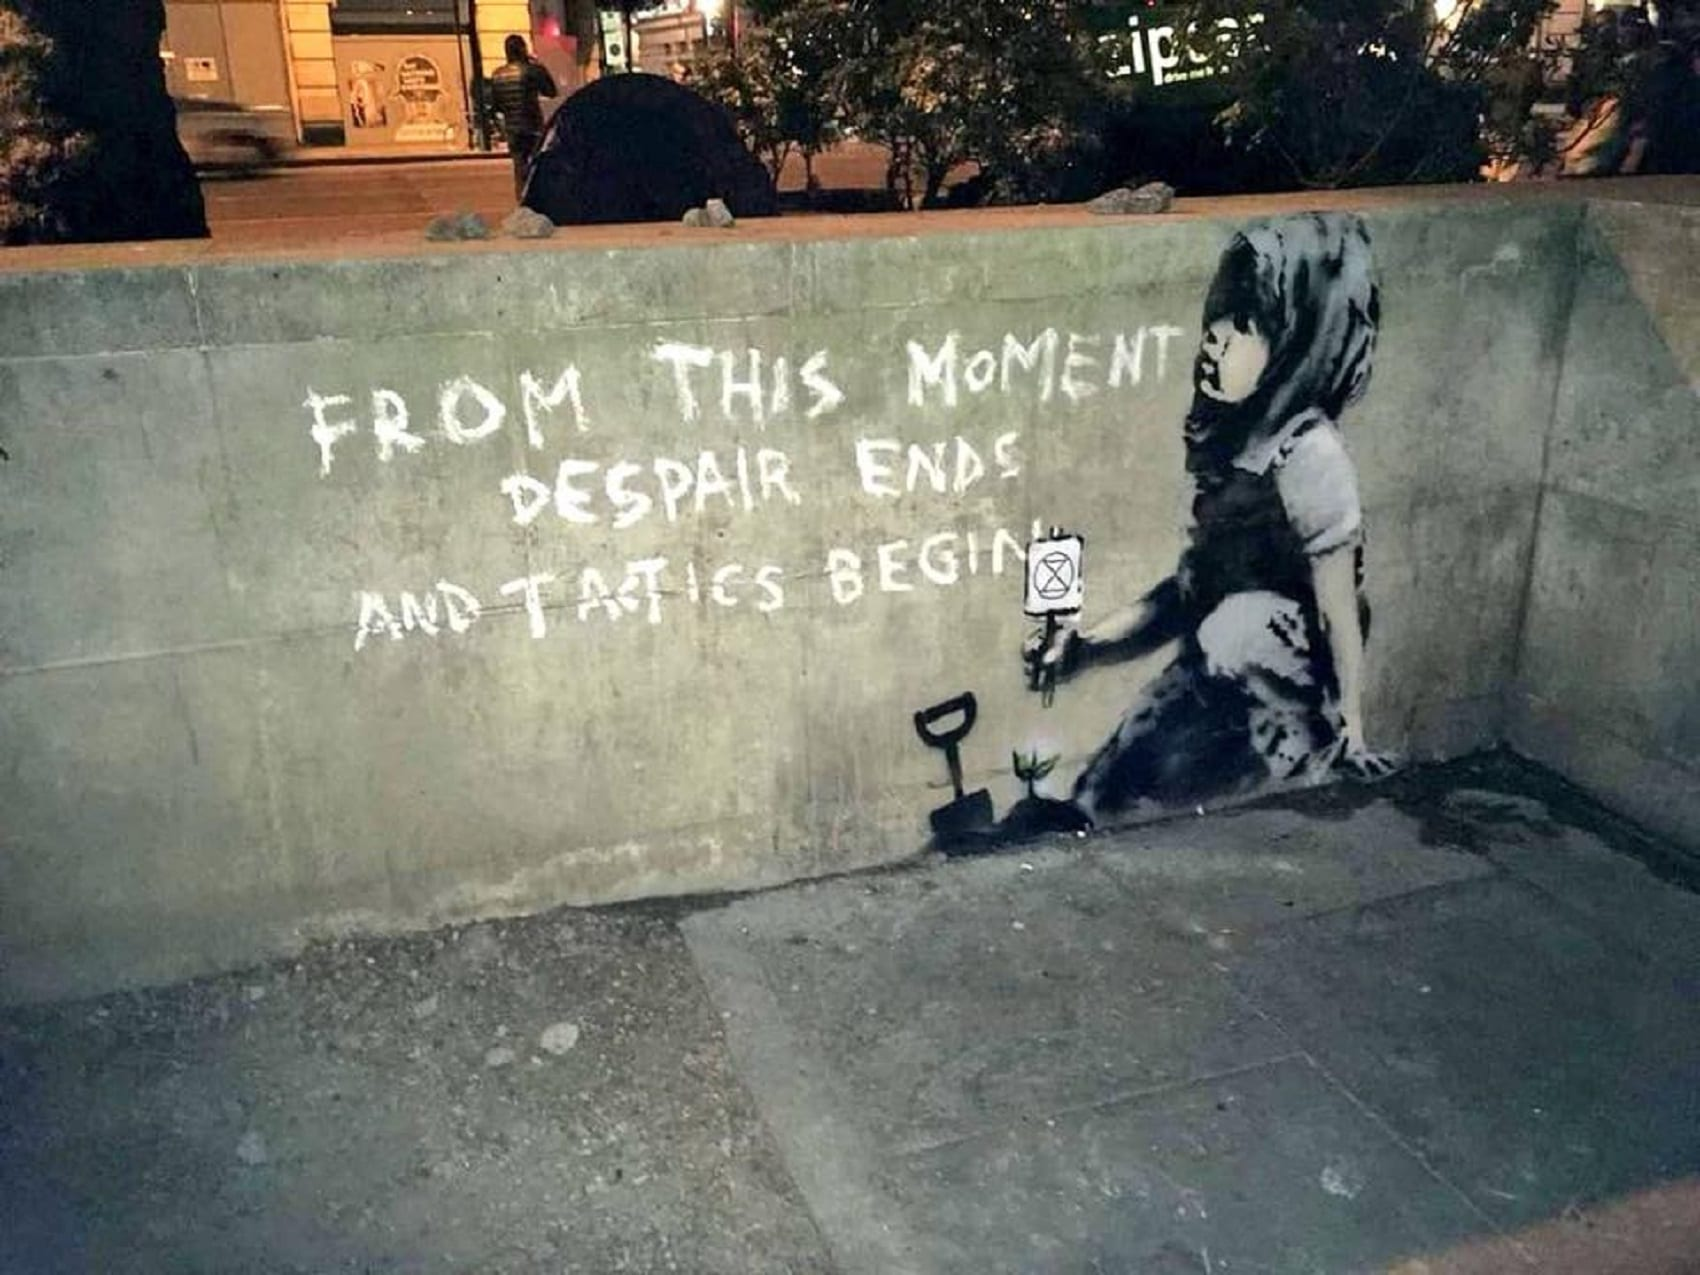 Un bimbo con una piantina e una scritta… Nuovo murale di Banksy ambientalista a Londra